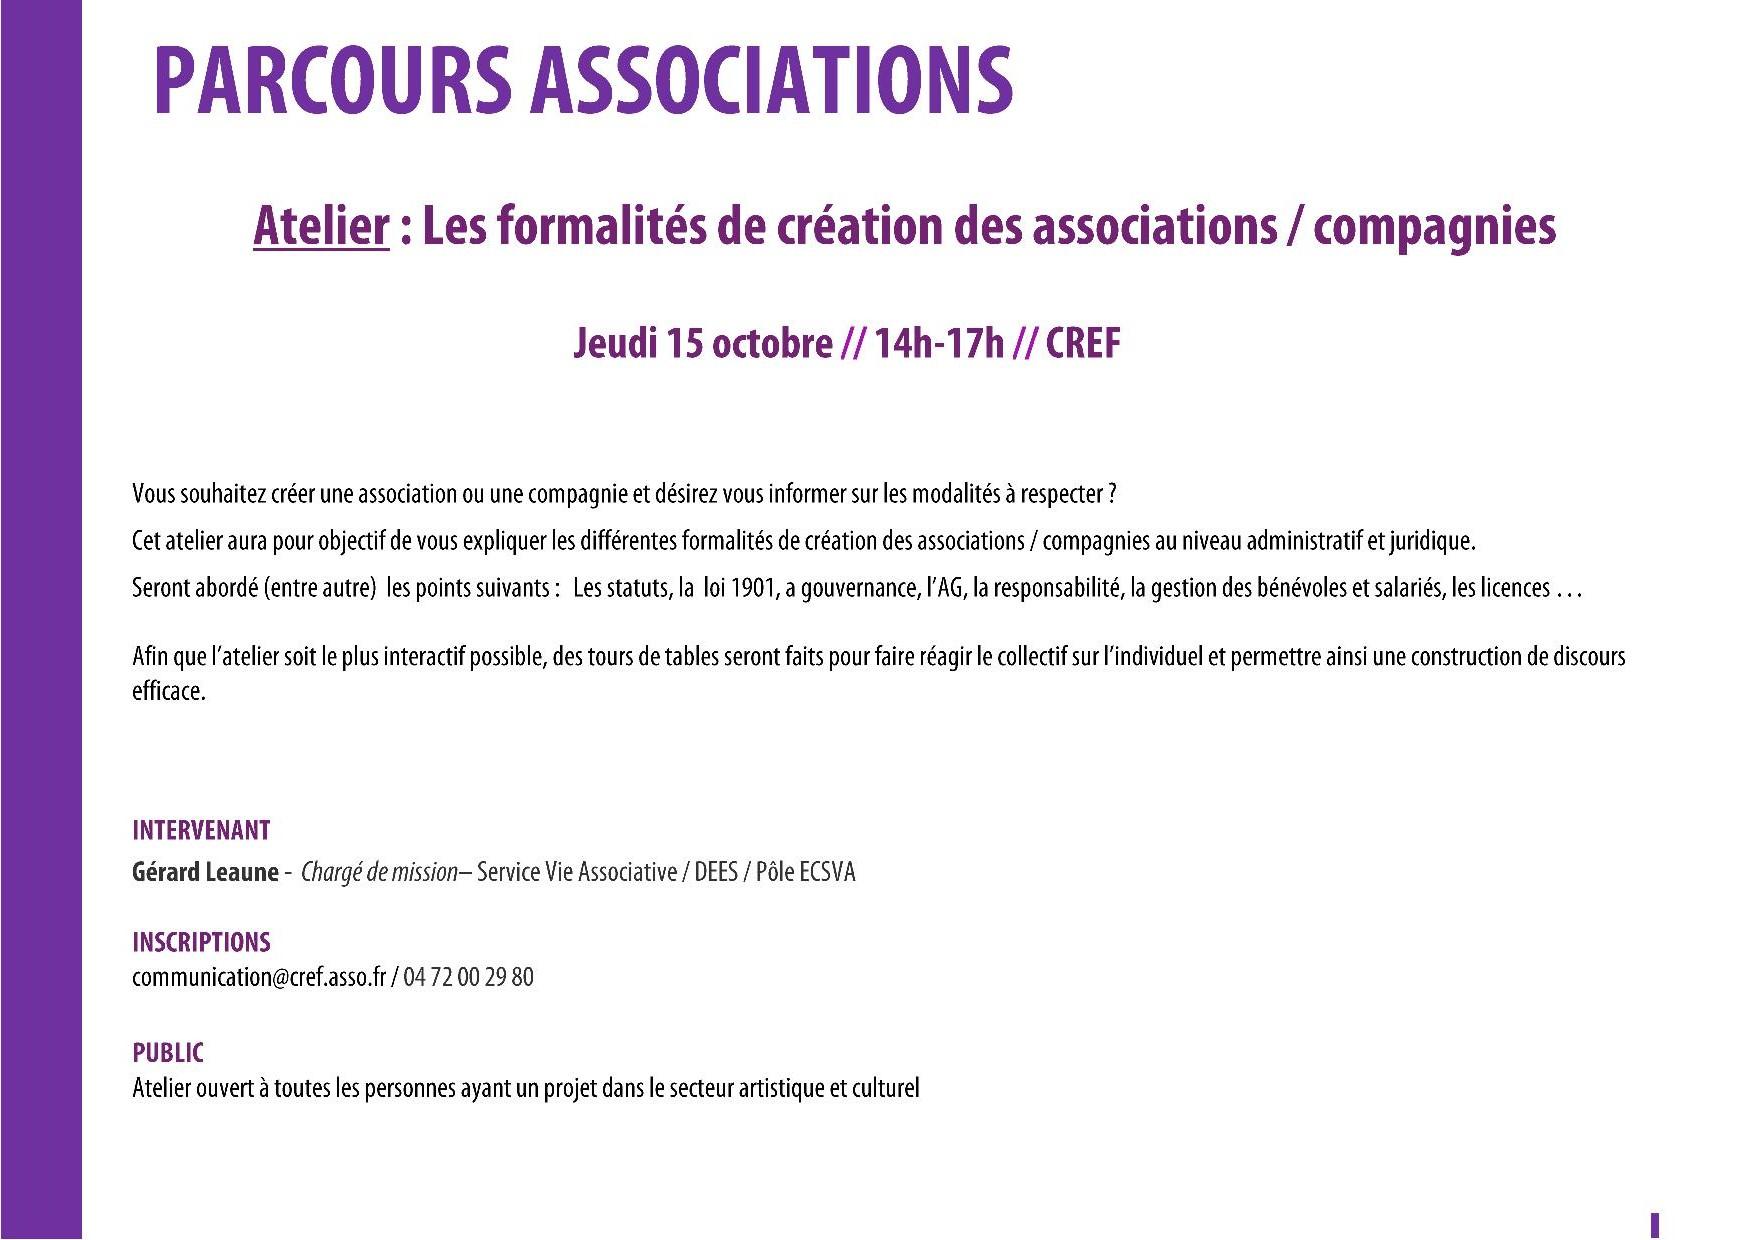 Atelier-formalités-création-associations